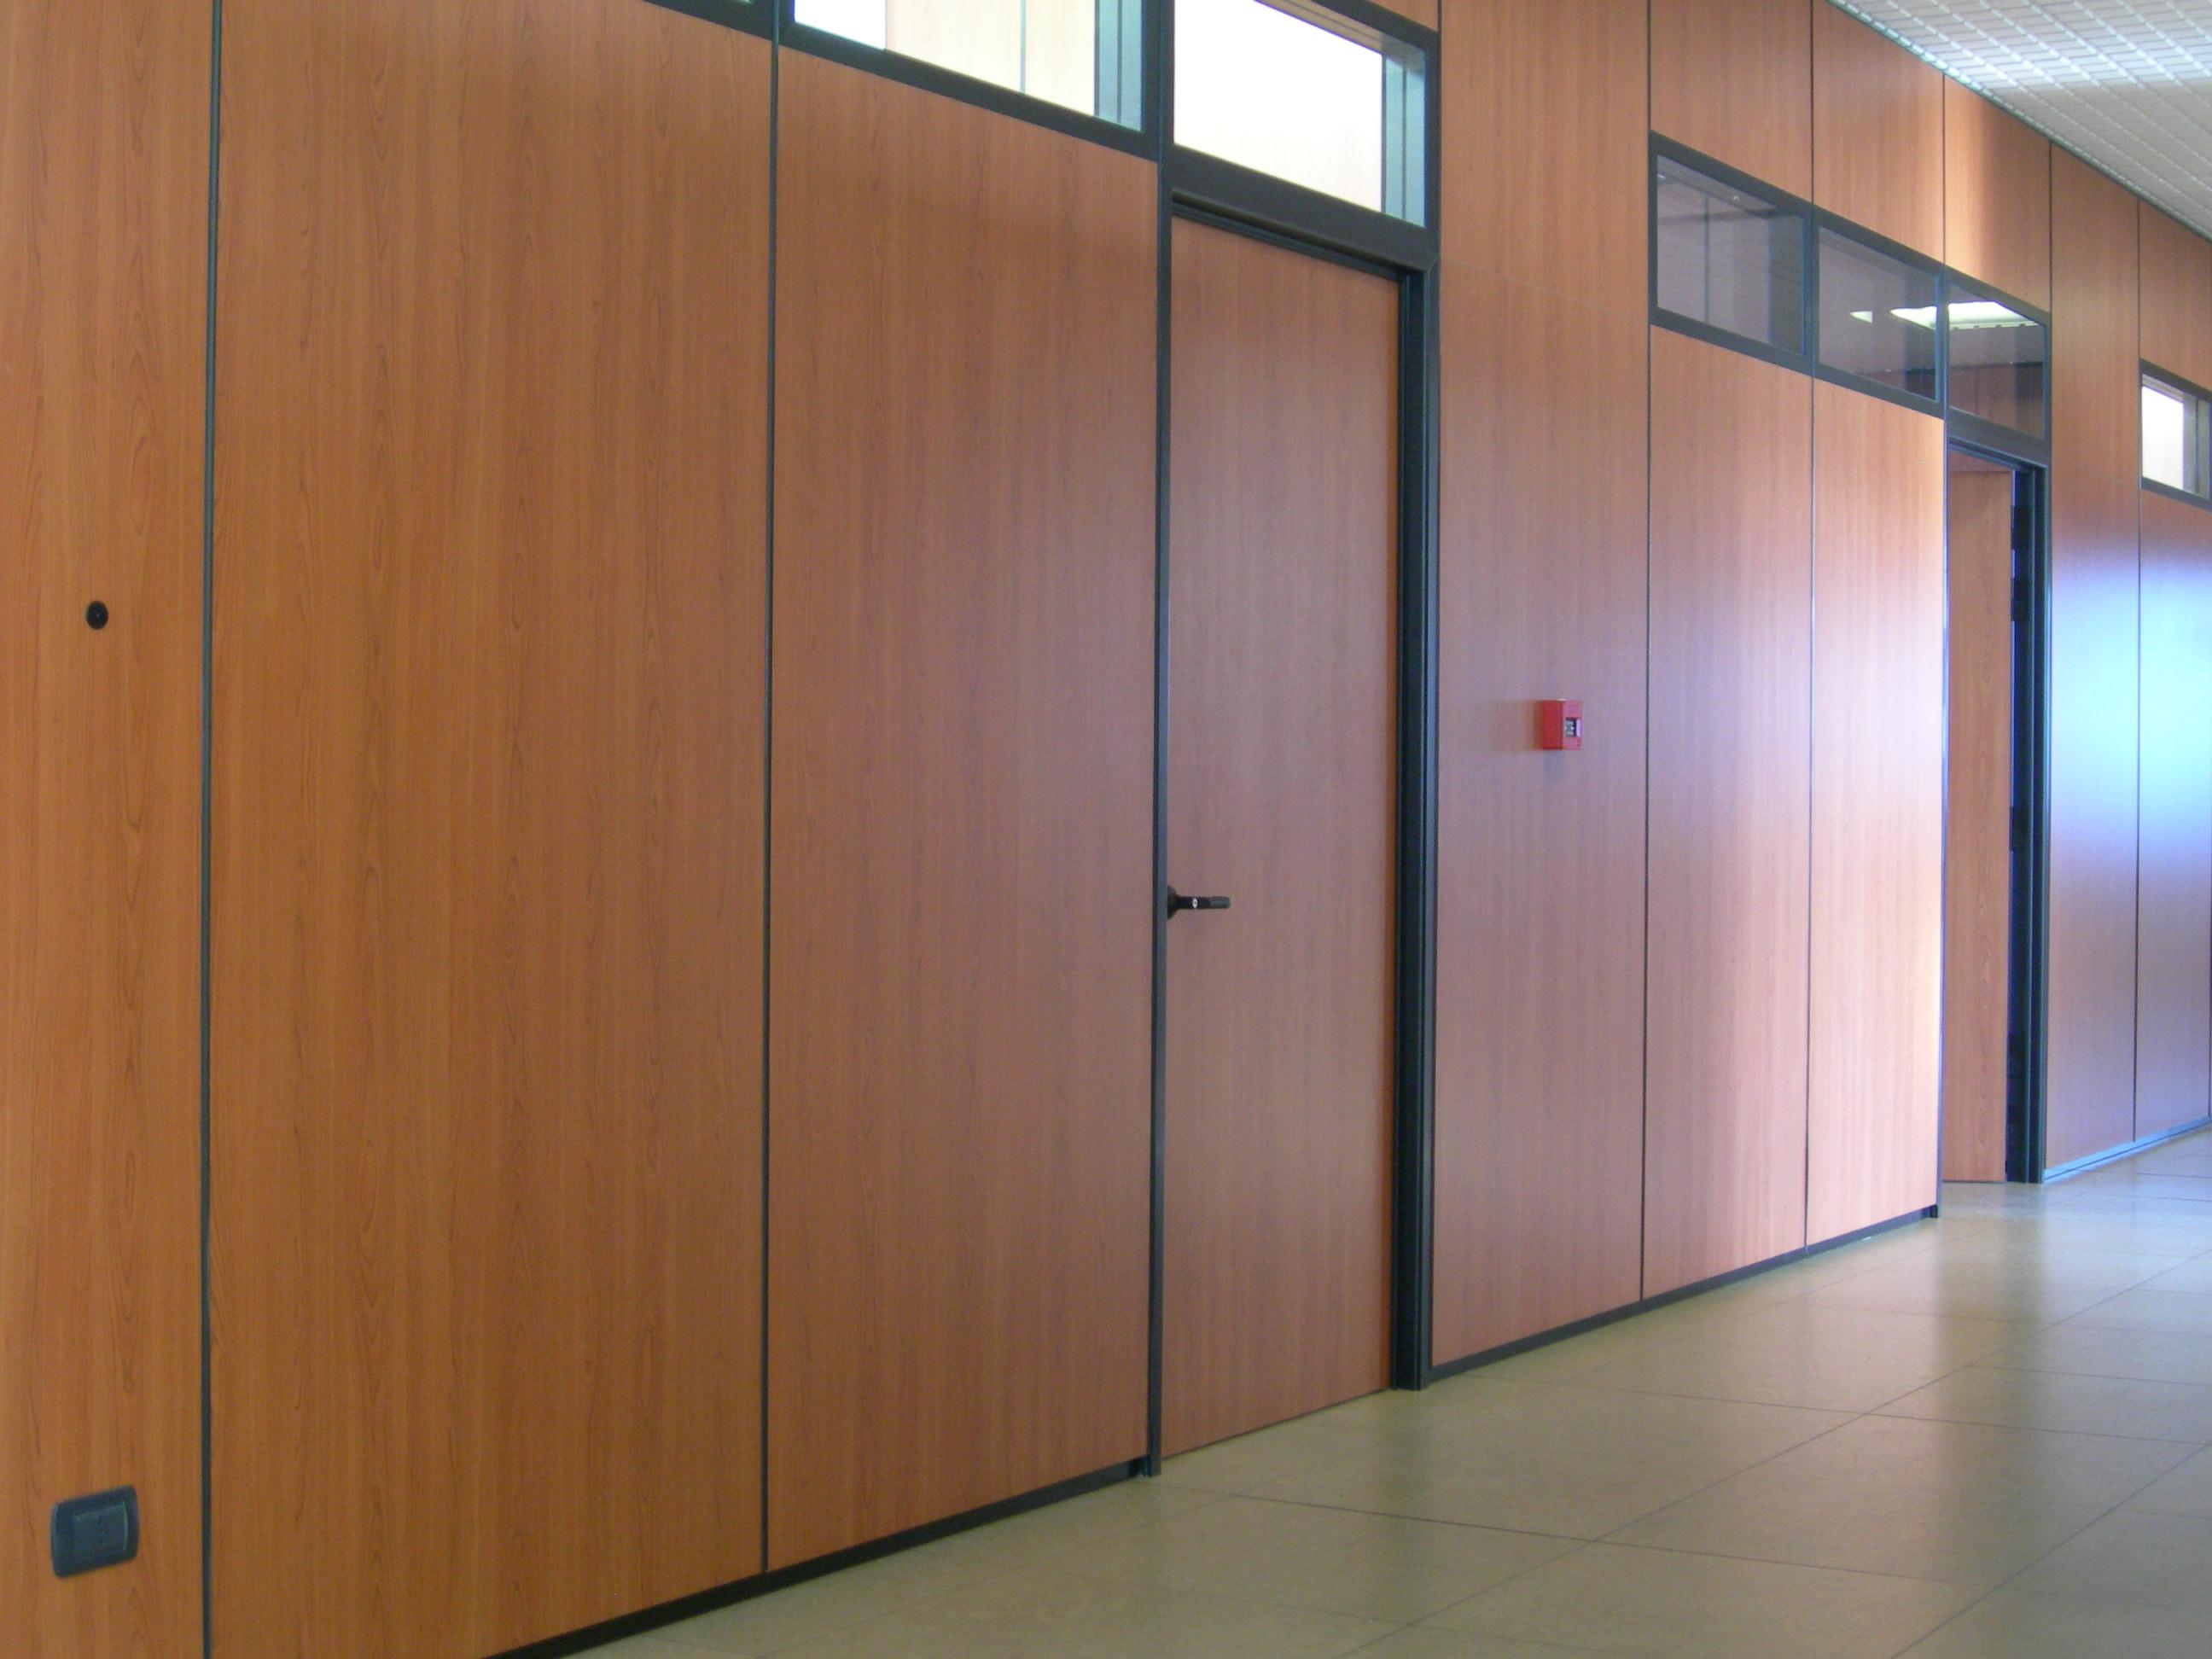 Pareti divisorie mobili a Torino - SOTEA - Opere in ...